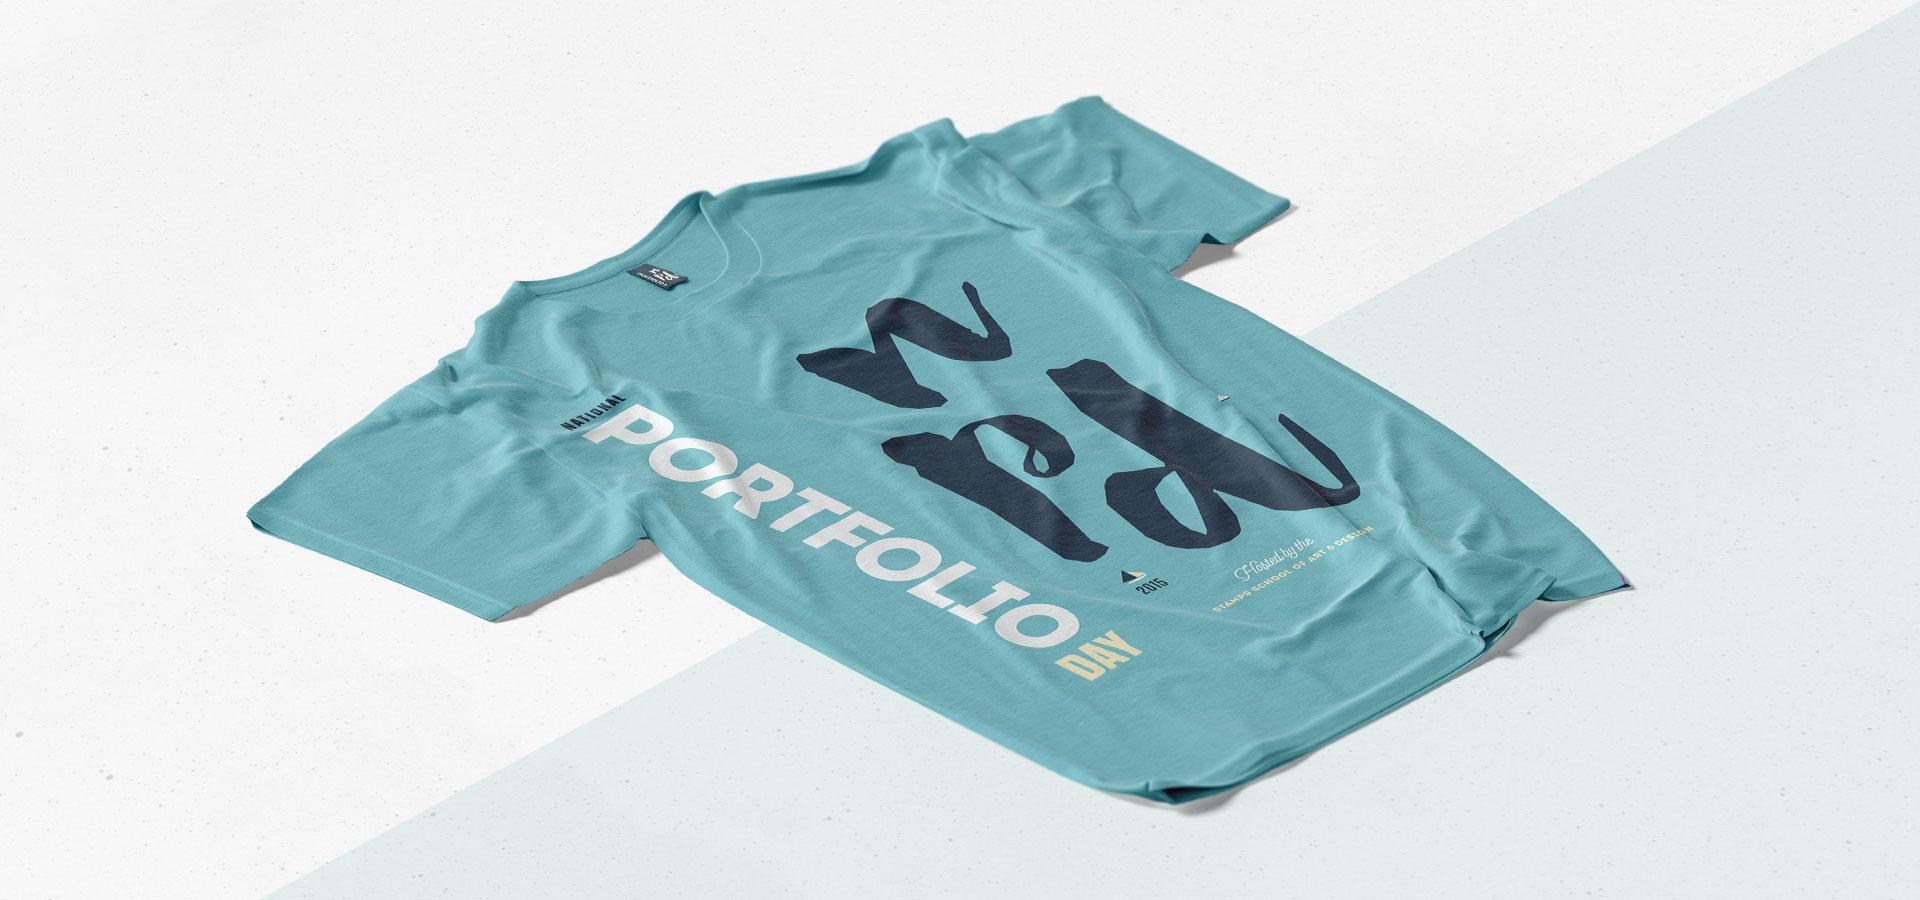 npd-tee-shirt